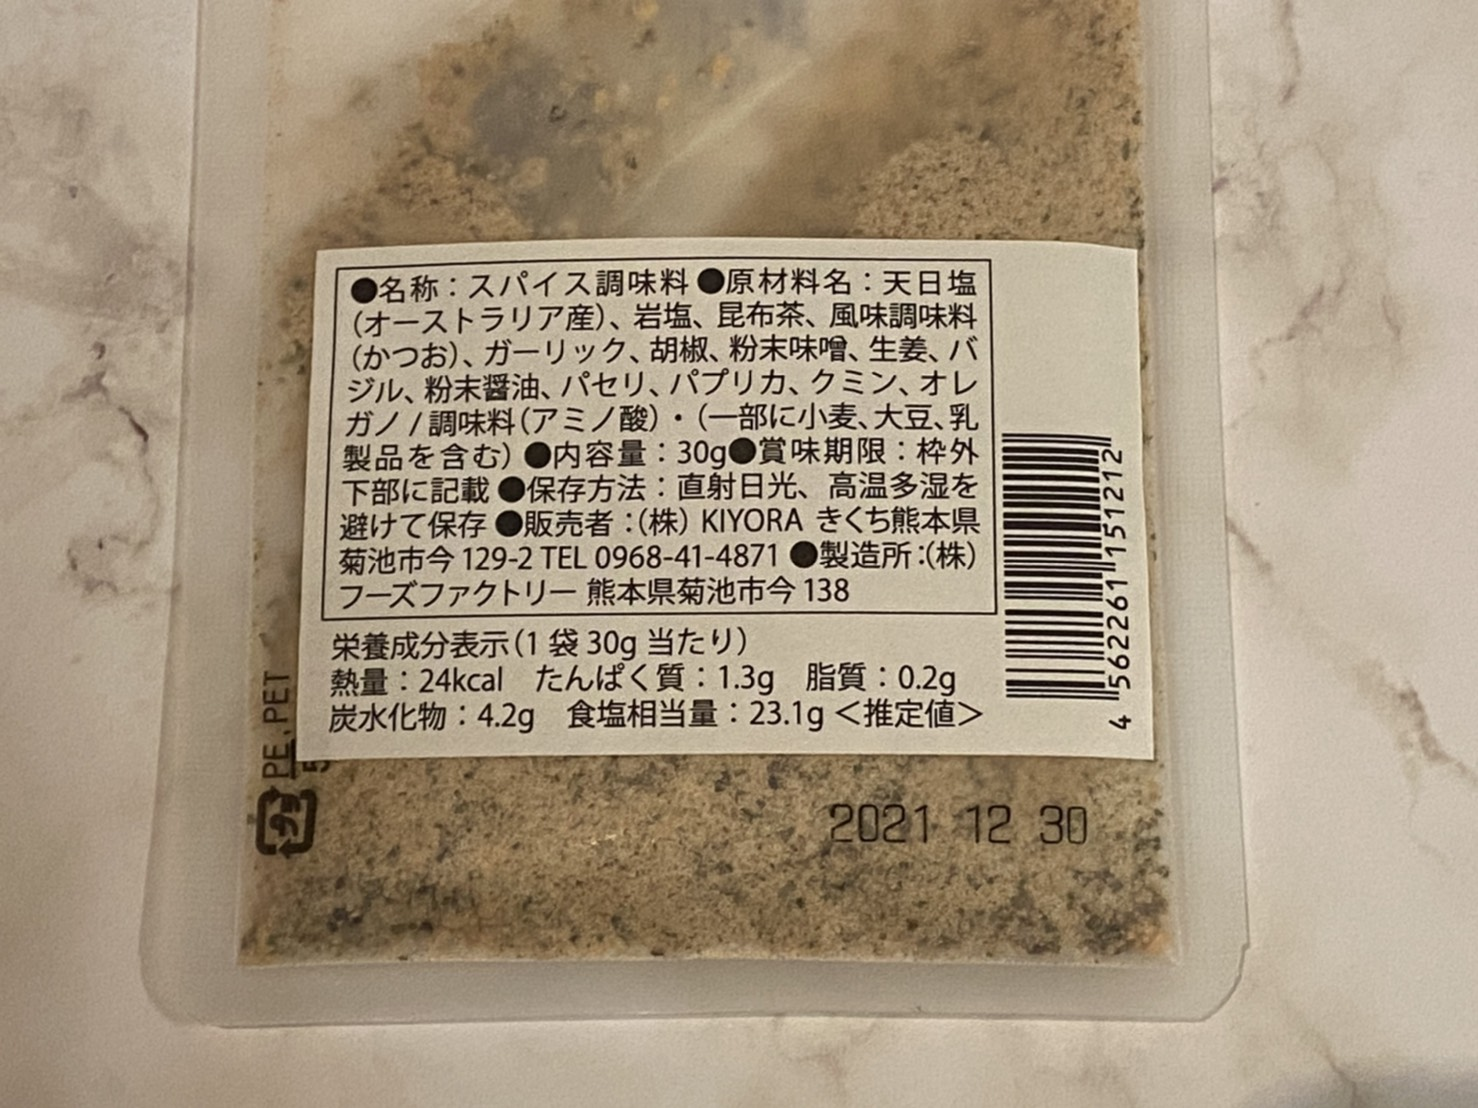 【簡単レシピ】ナスを生で!?常識が覆る「イタリアンお漬物」と「ふ〜塩」とは?【5分で完成】_7